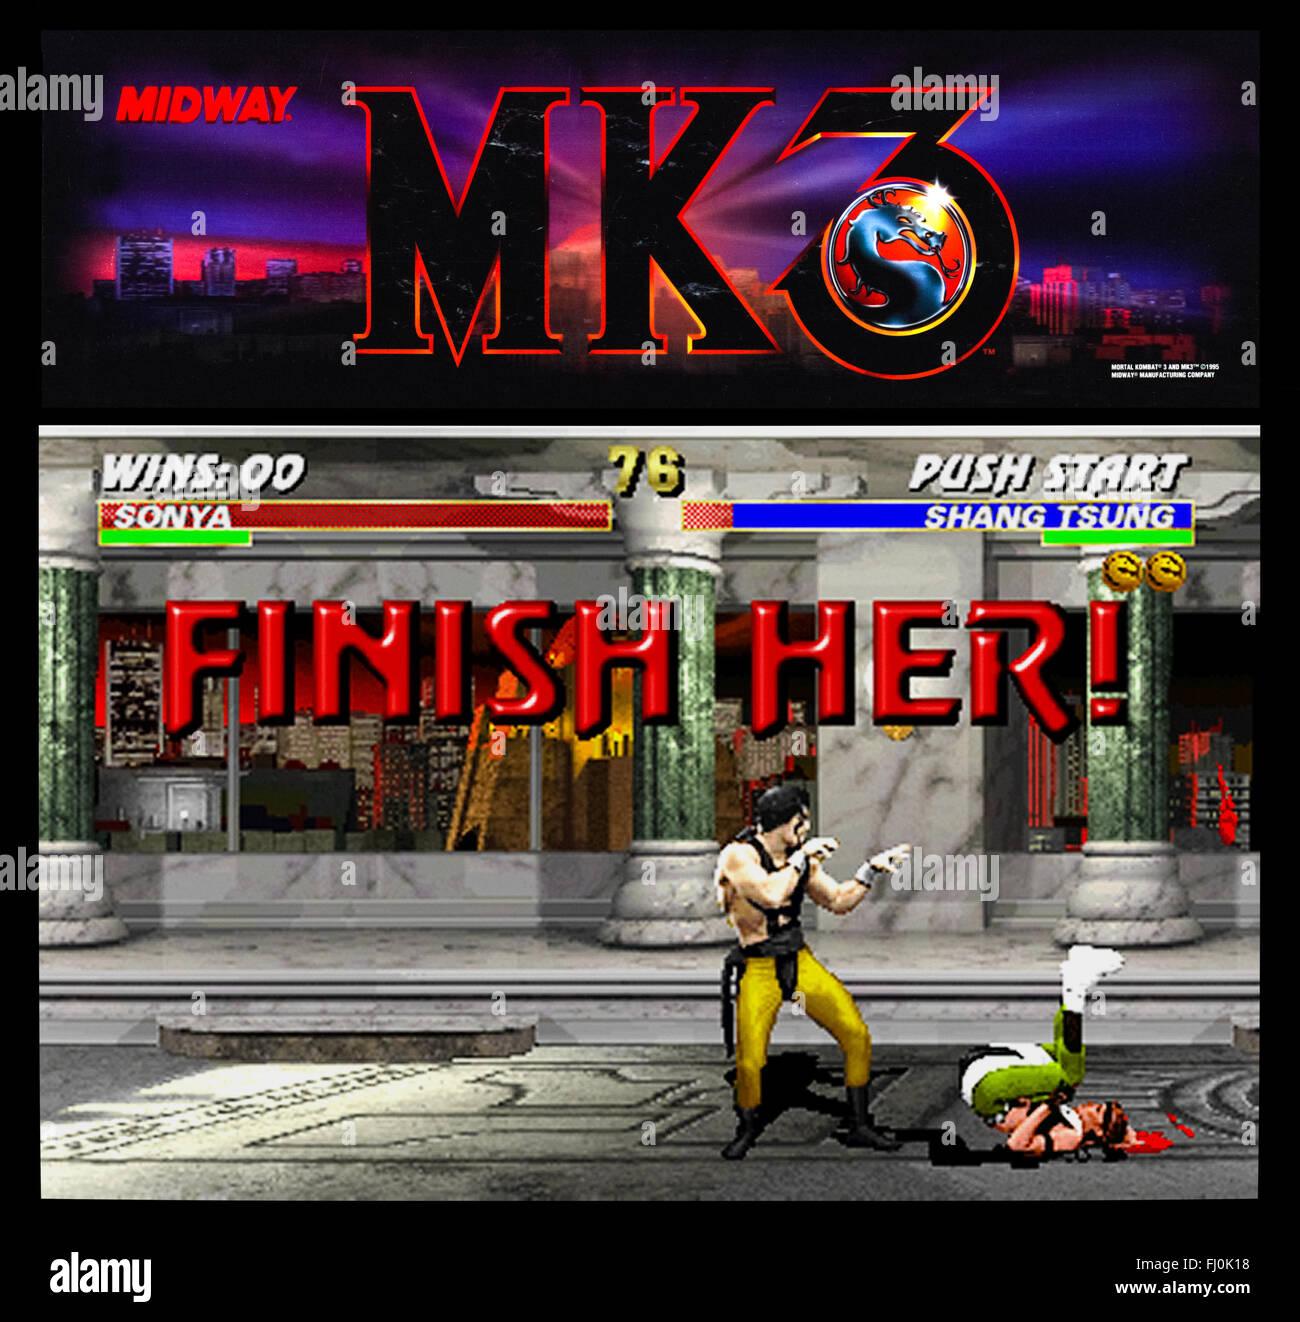 Mortal Kombat 3 1994 Midway Stock Photo: 97130580 - Alamy